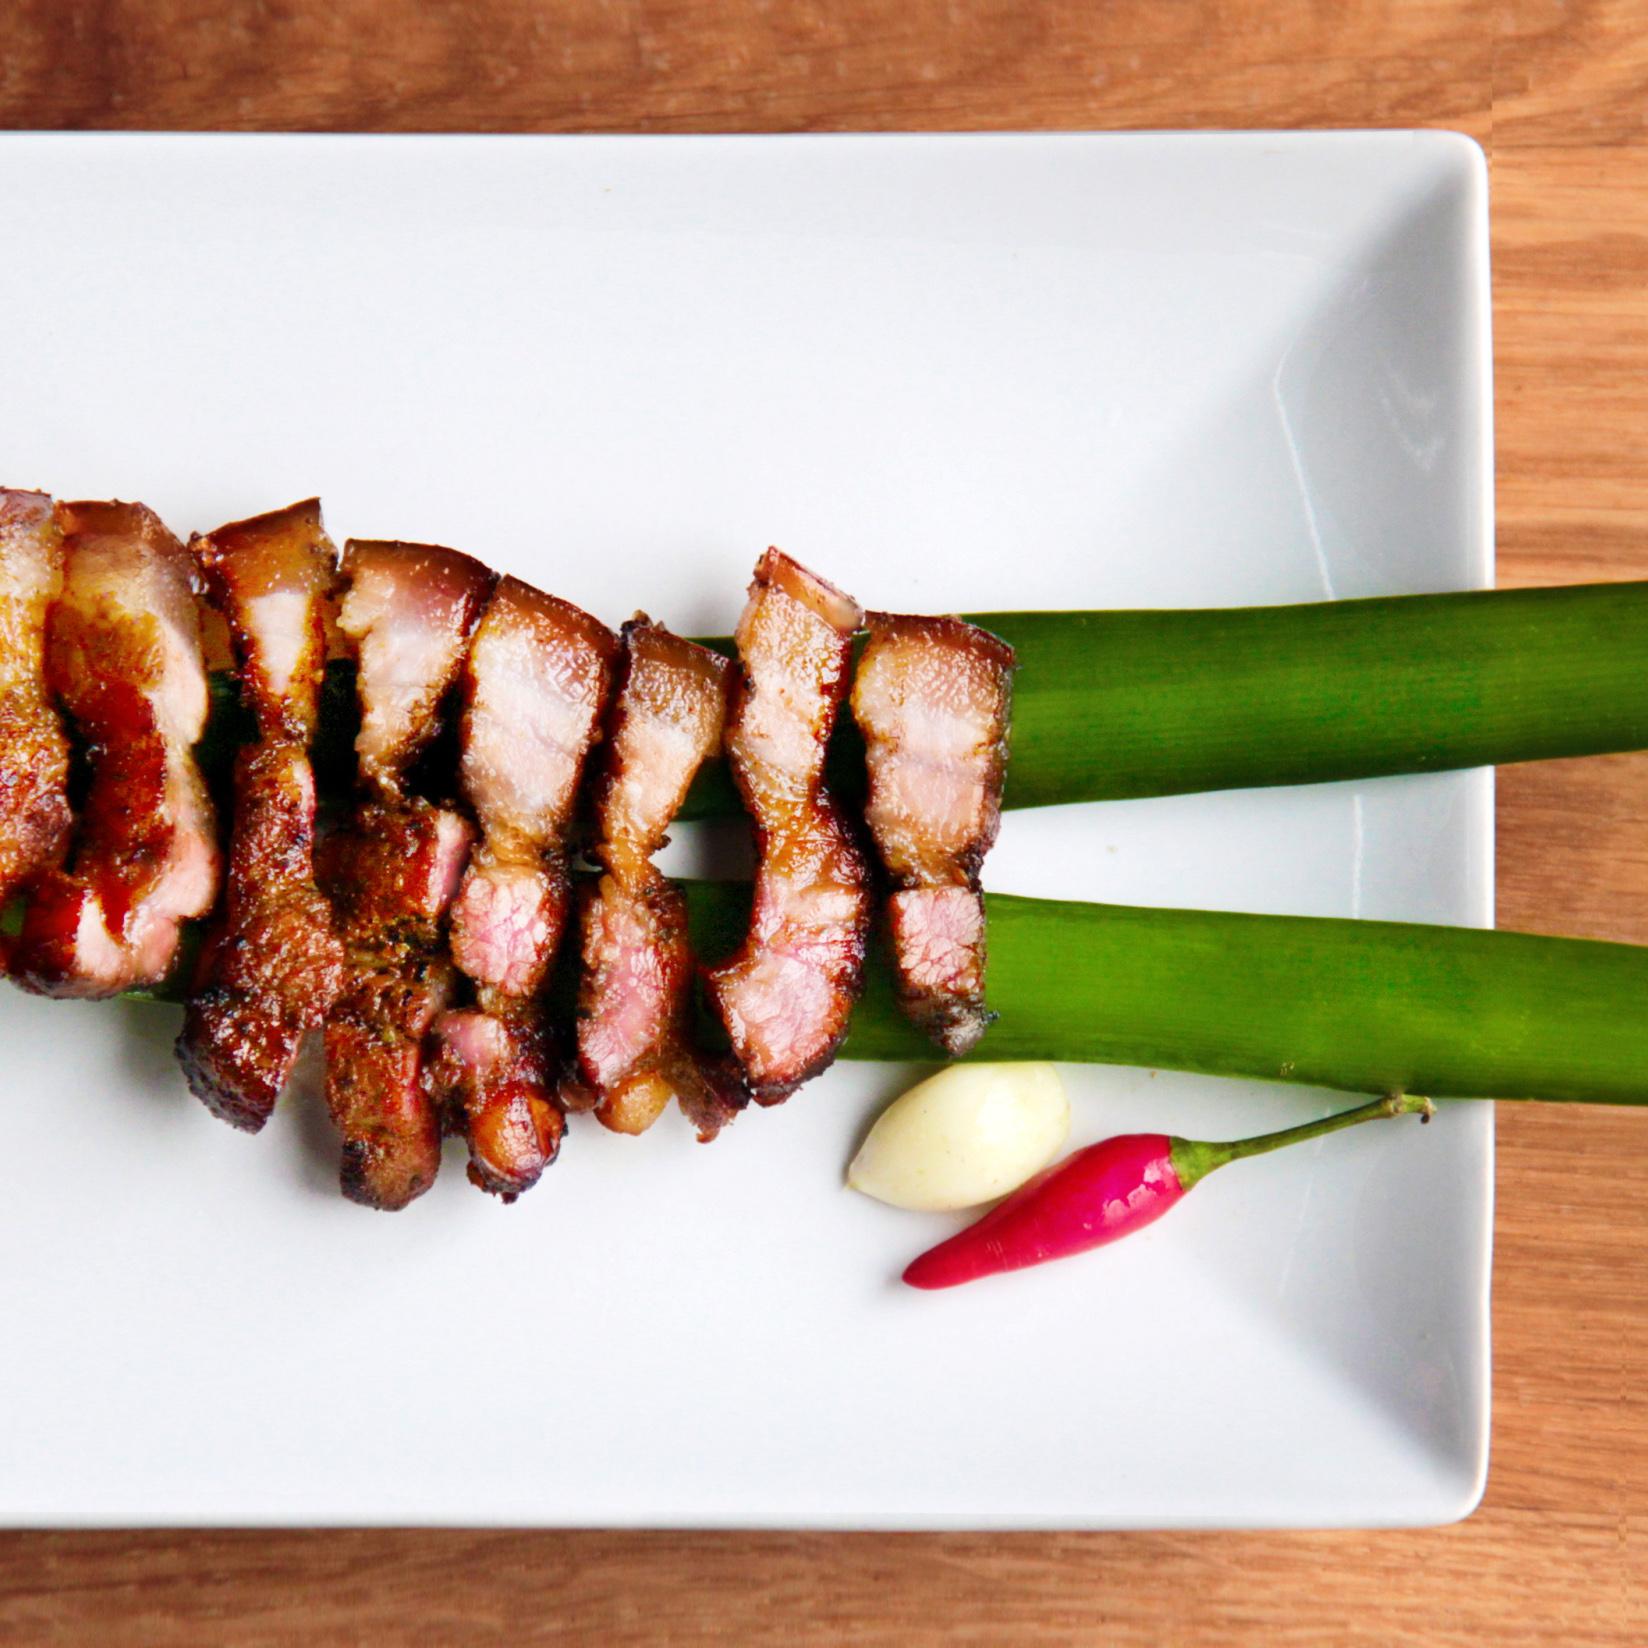 【沈記香腸】鹹豬肉 (手工製作約3~4人份)★台北市傳統市場節天下第一攤冠軍店家、團購美食、網路票選冠軍、伴手禮首選、宅配香腸